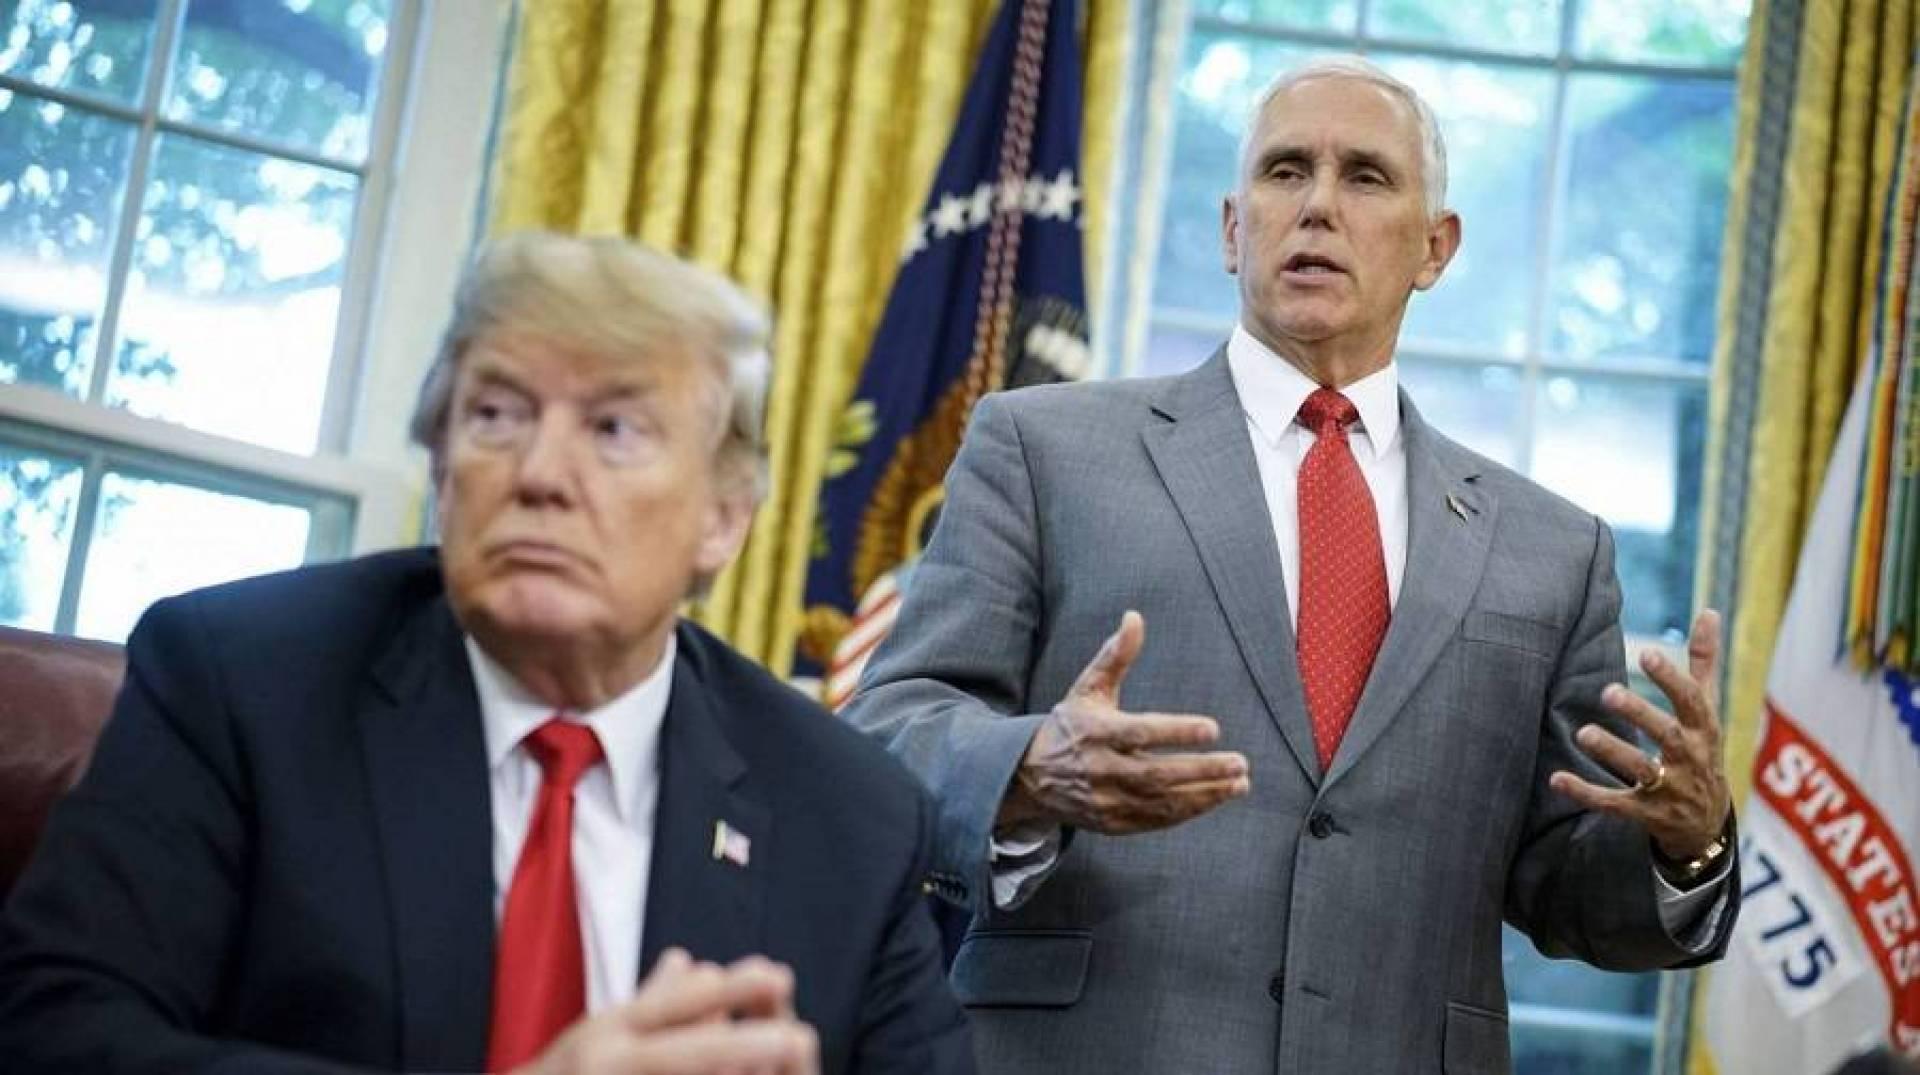 البيت الأبيض سيفحص حرارة كل الأشخاص في الدائرة المقربة من ترامب وبنس